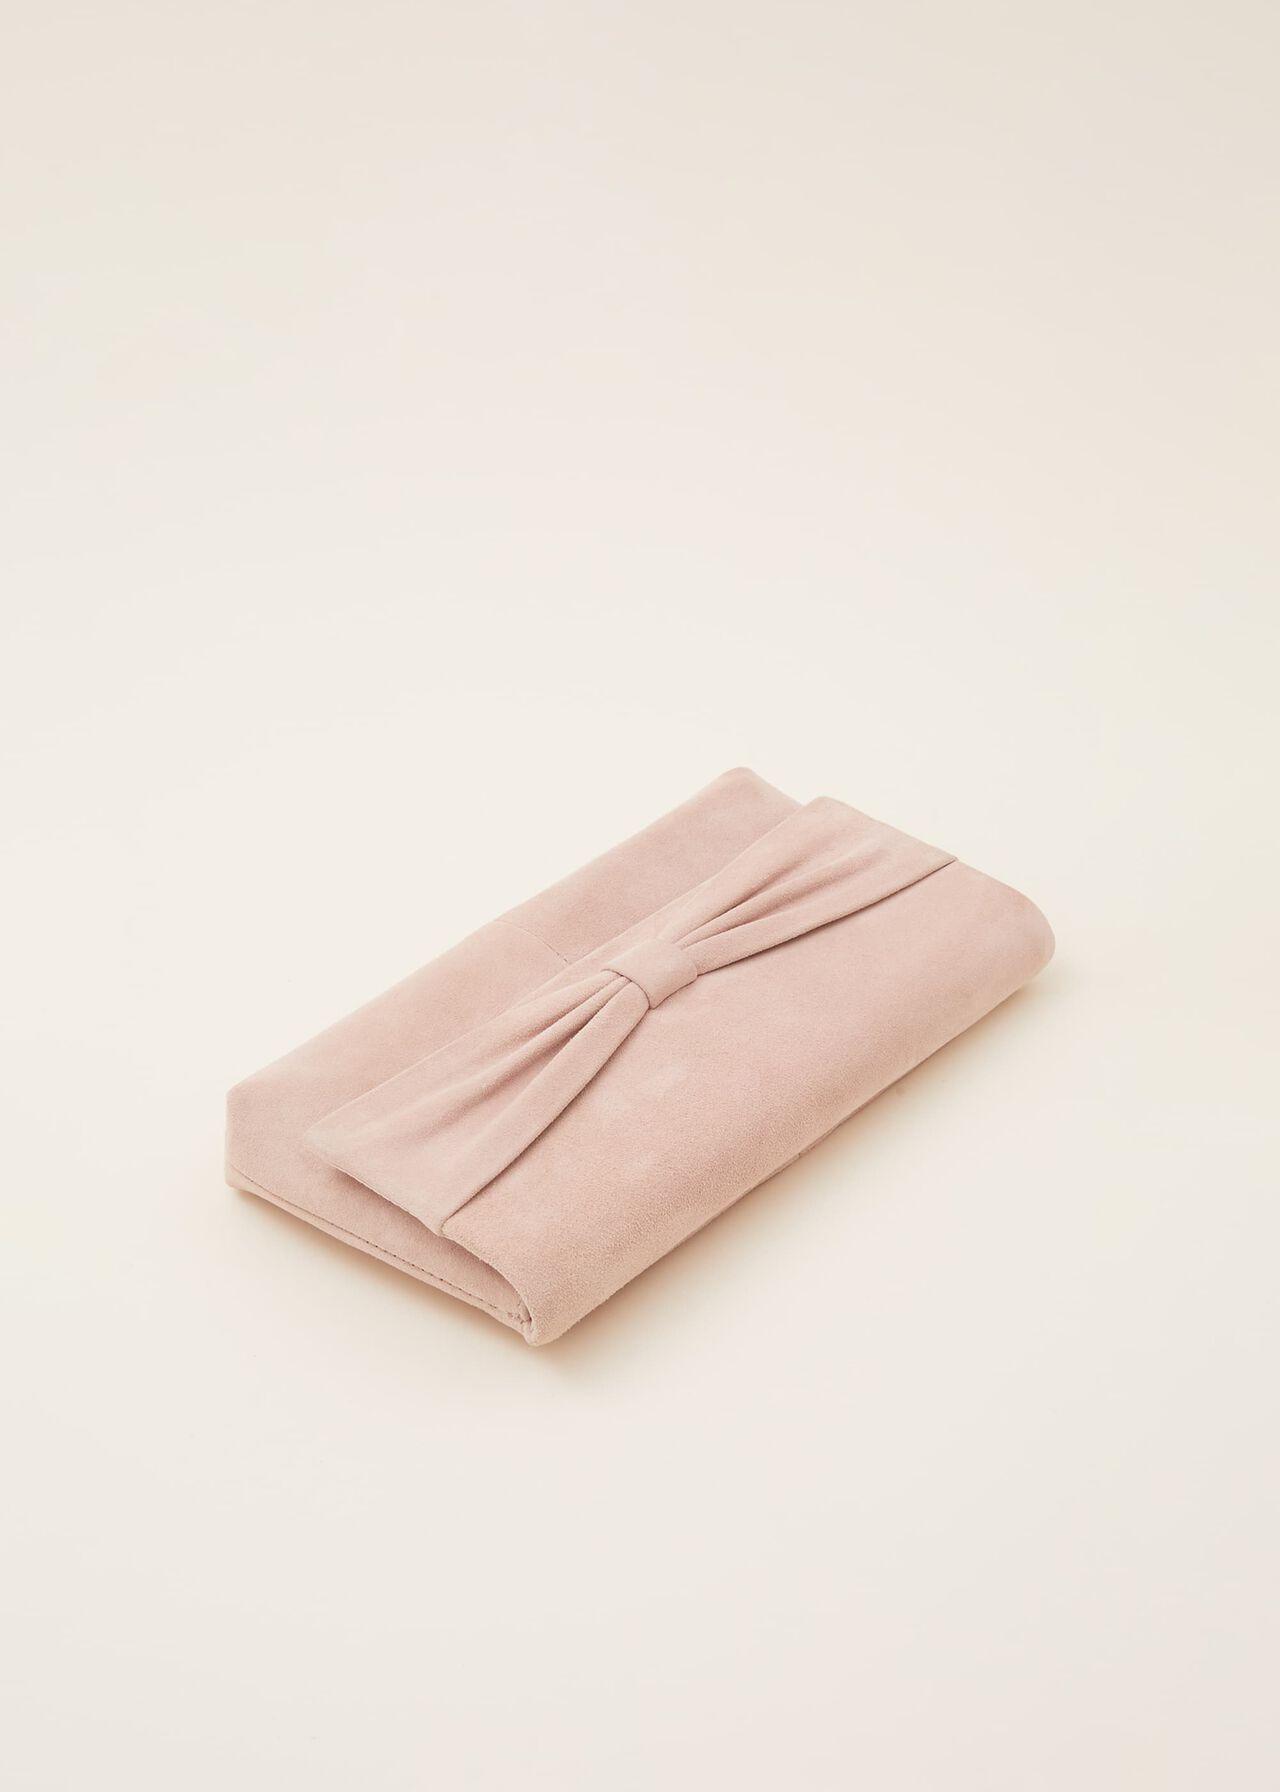 Sim Bow Clutch Bag